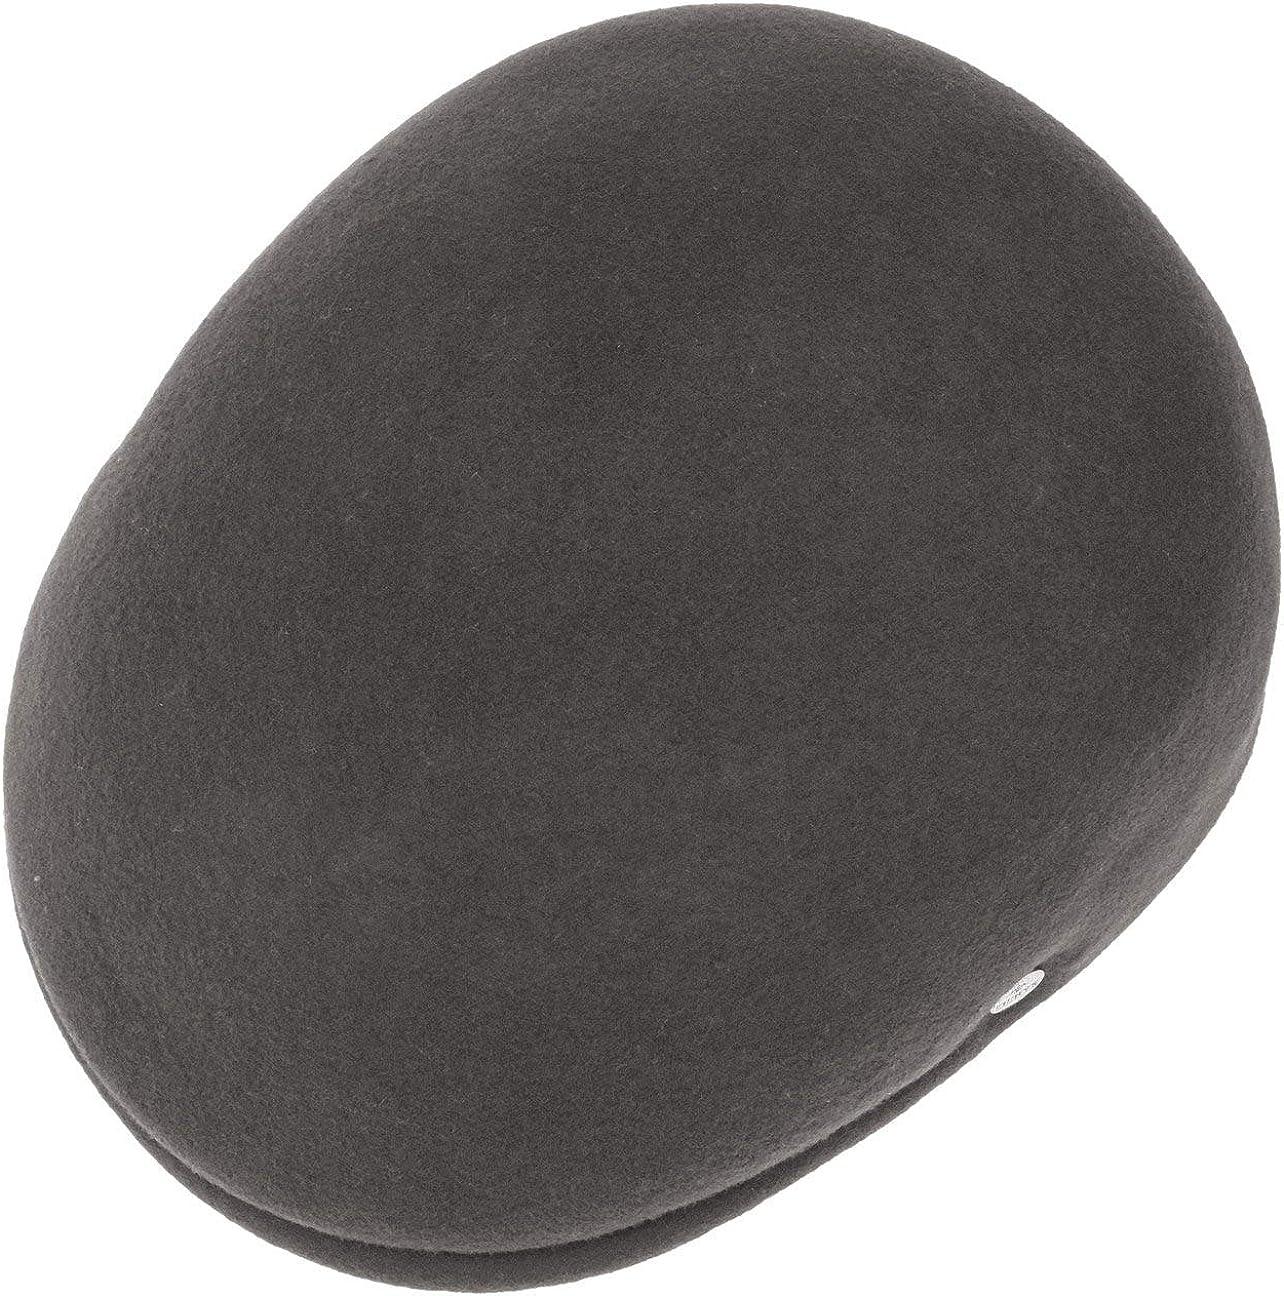 M/ütze Made in Italy Lierys Outdoor Flatcap aus Wollfilz Herren Sportm/ütze Herbst//Winter Schieberm/ütze Flatcap Wasserabweisend /& Packable